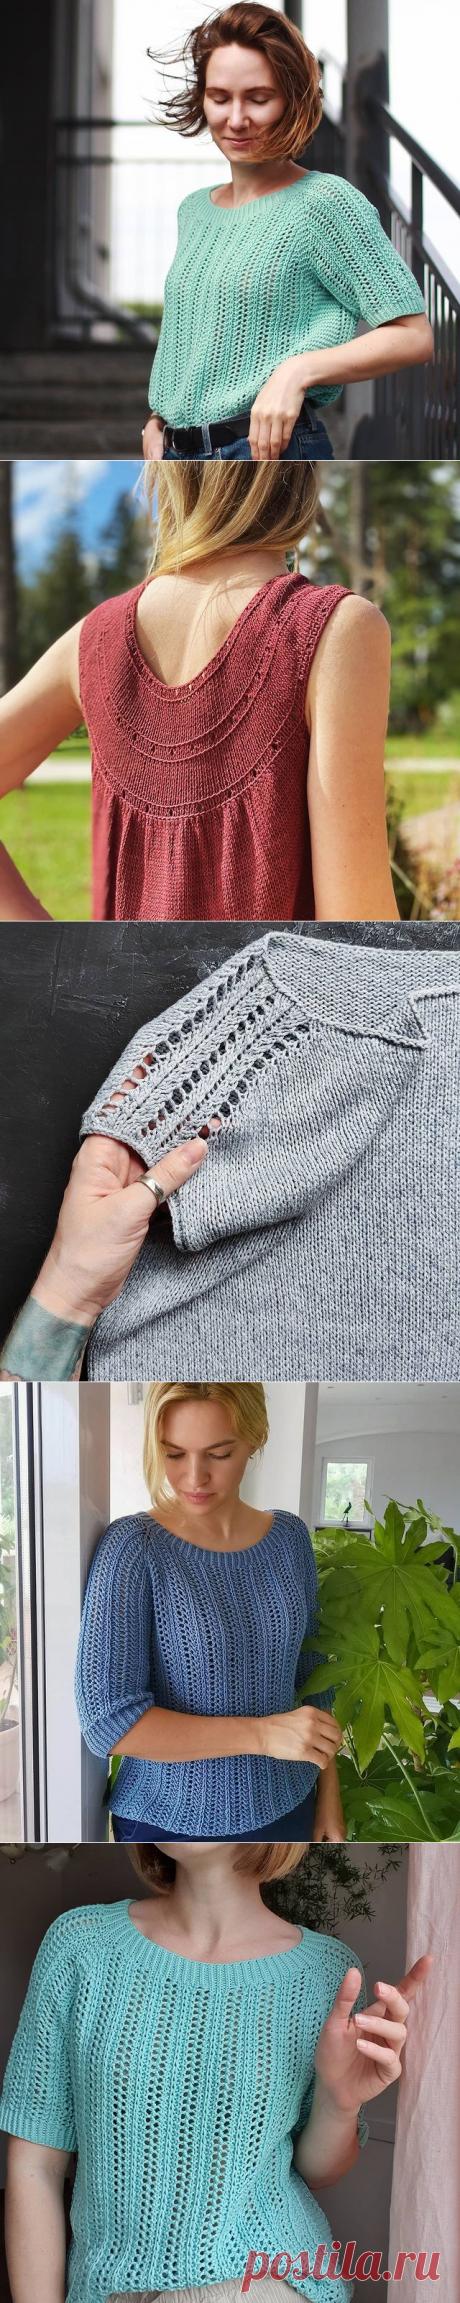 МАСТЕР-КЛАССЫ ПО ВЯЗАНИЮ (@efgesha_knits) • Фото и видео в Instagram